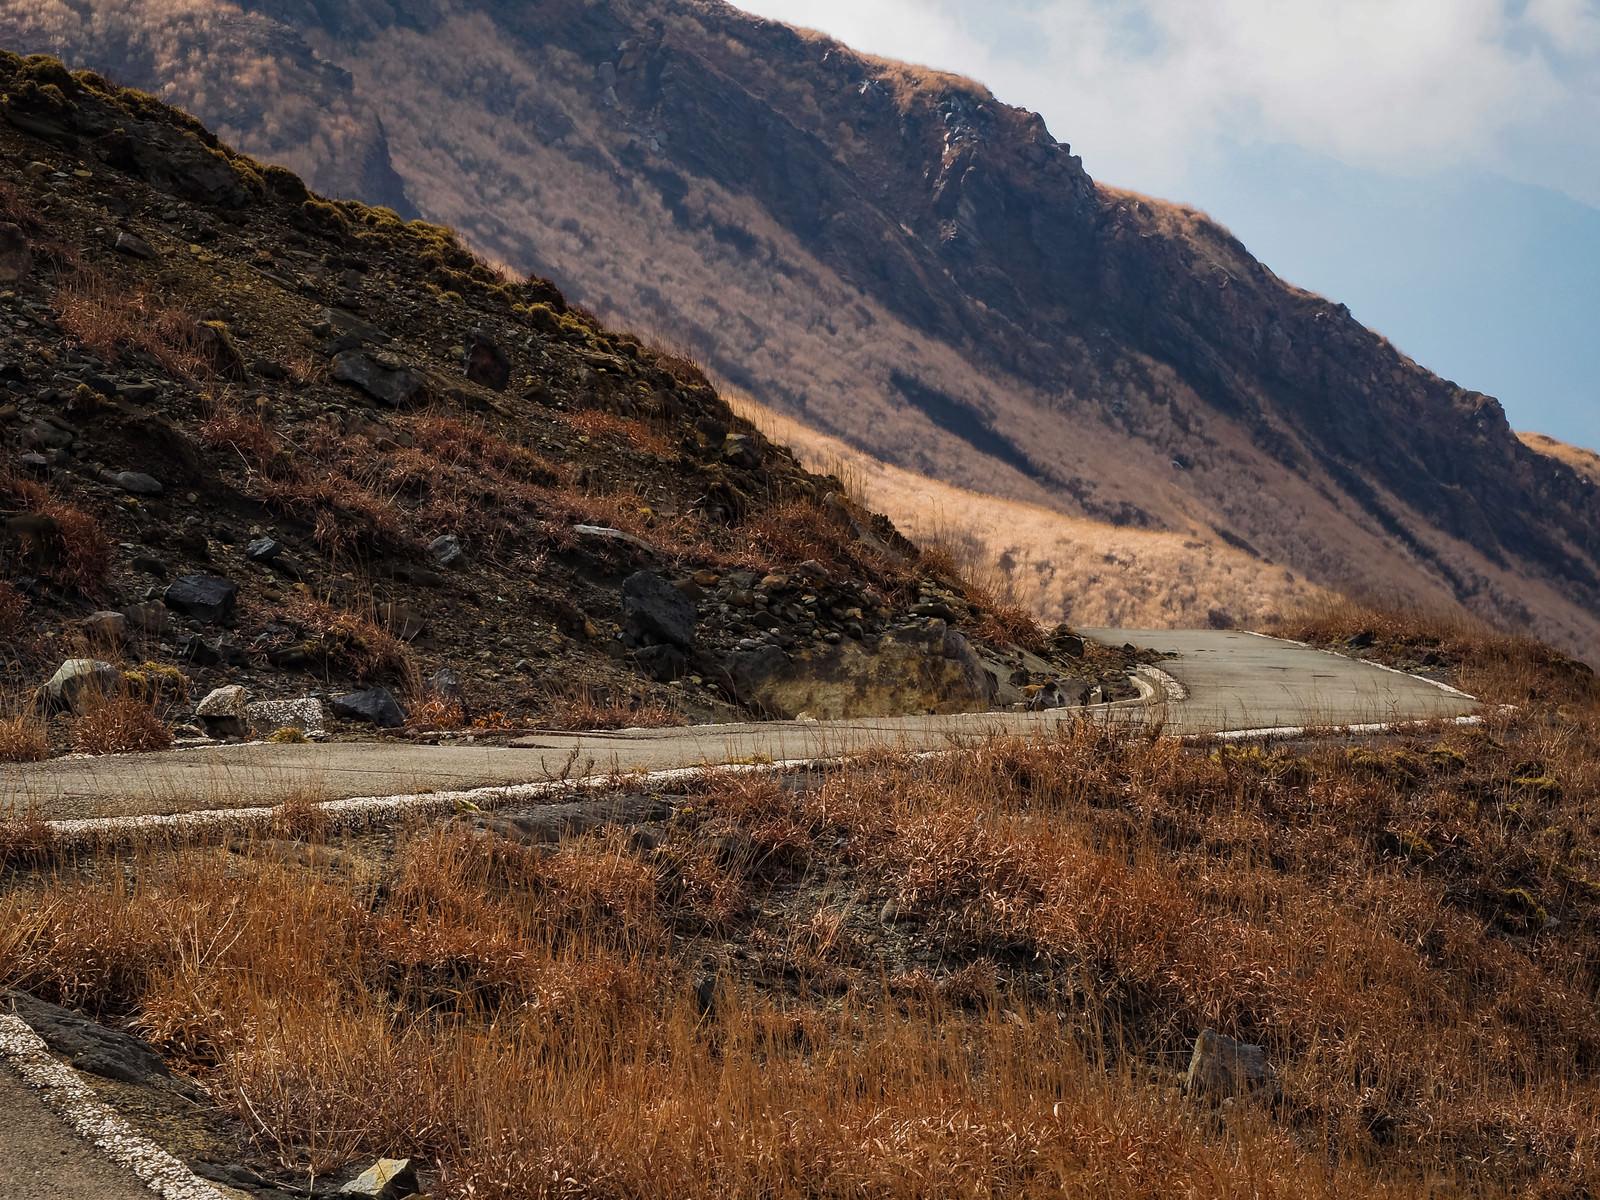 「荒れ果てた山へと続く道路」の写真